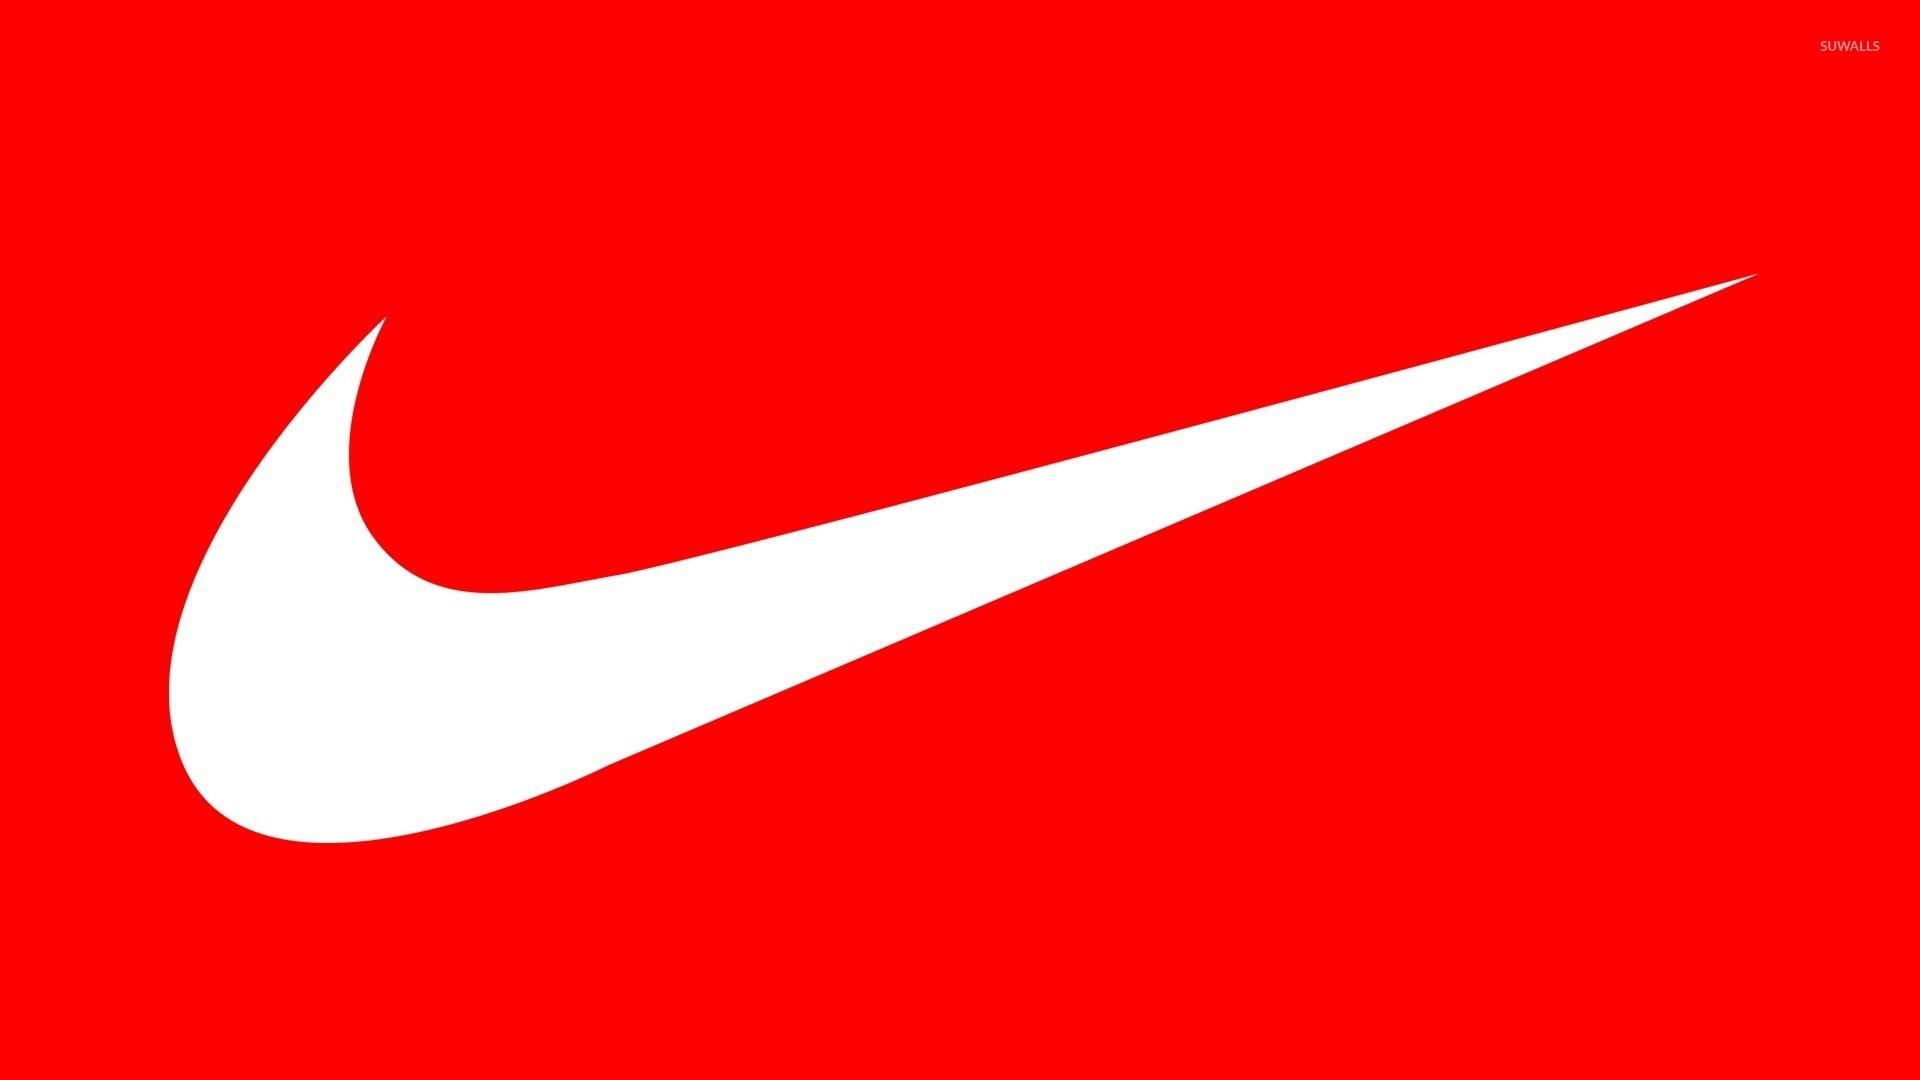 Sfondi Nike 70 Immagini